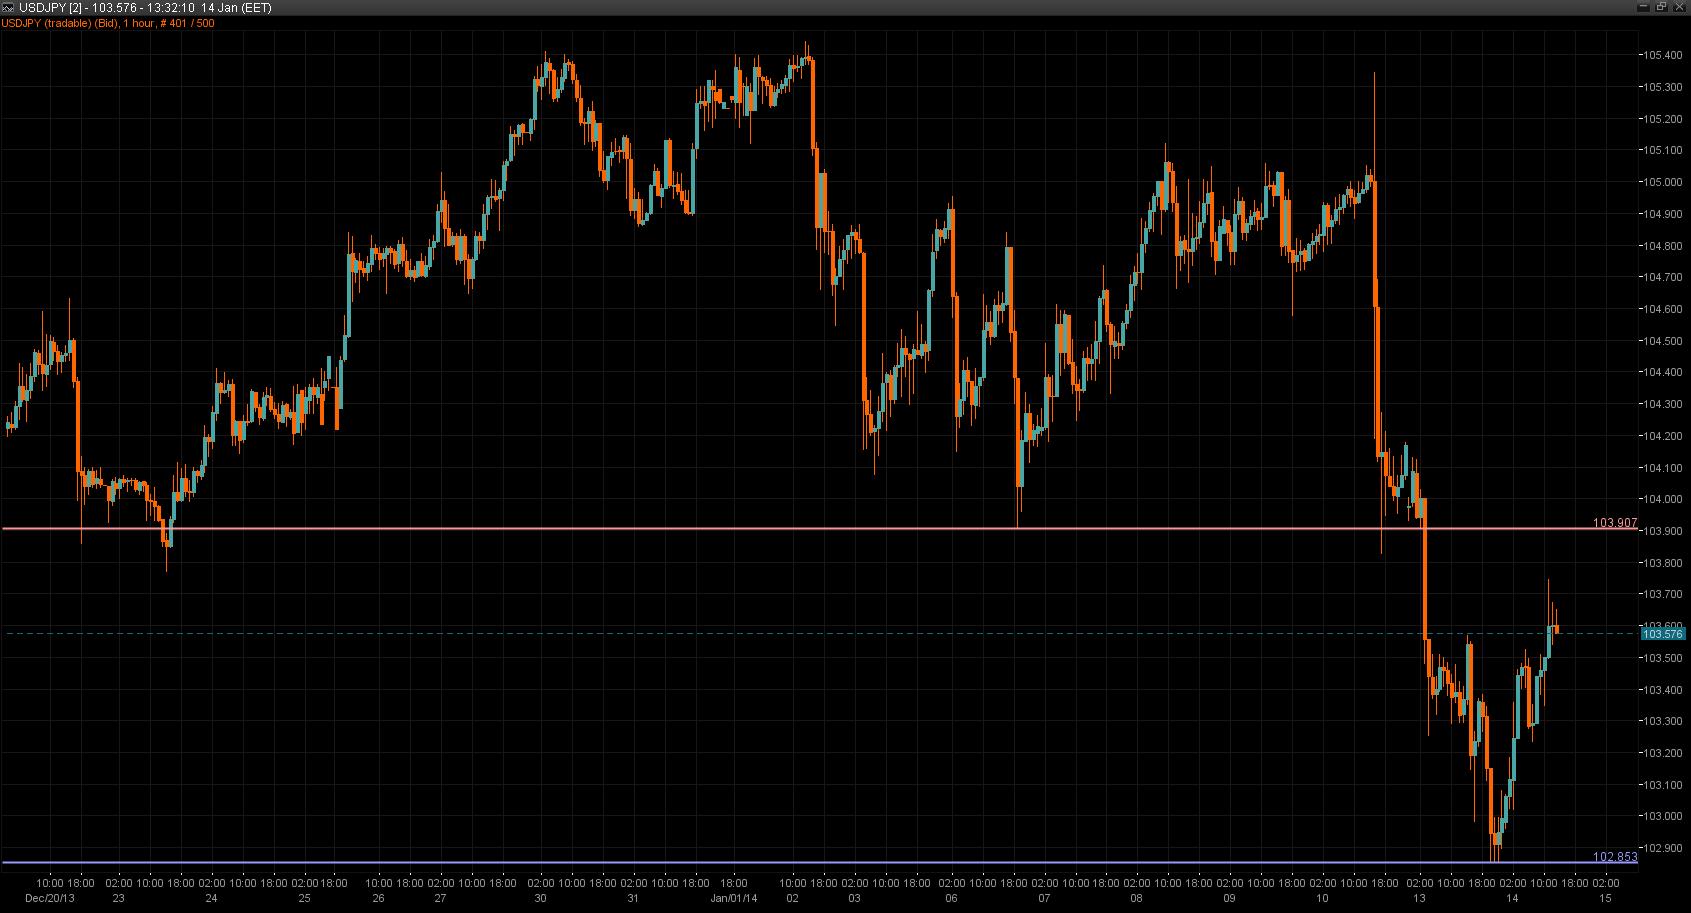 USD/JPY Chart 14 Jan 2014